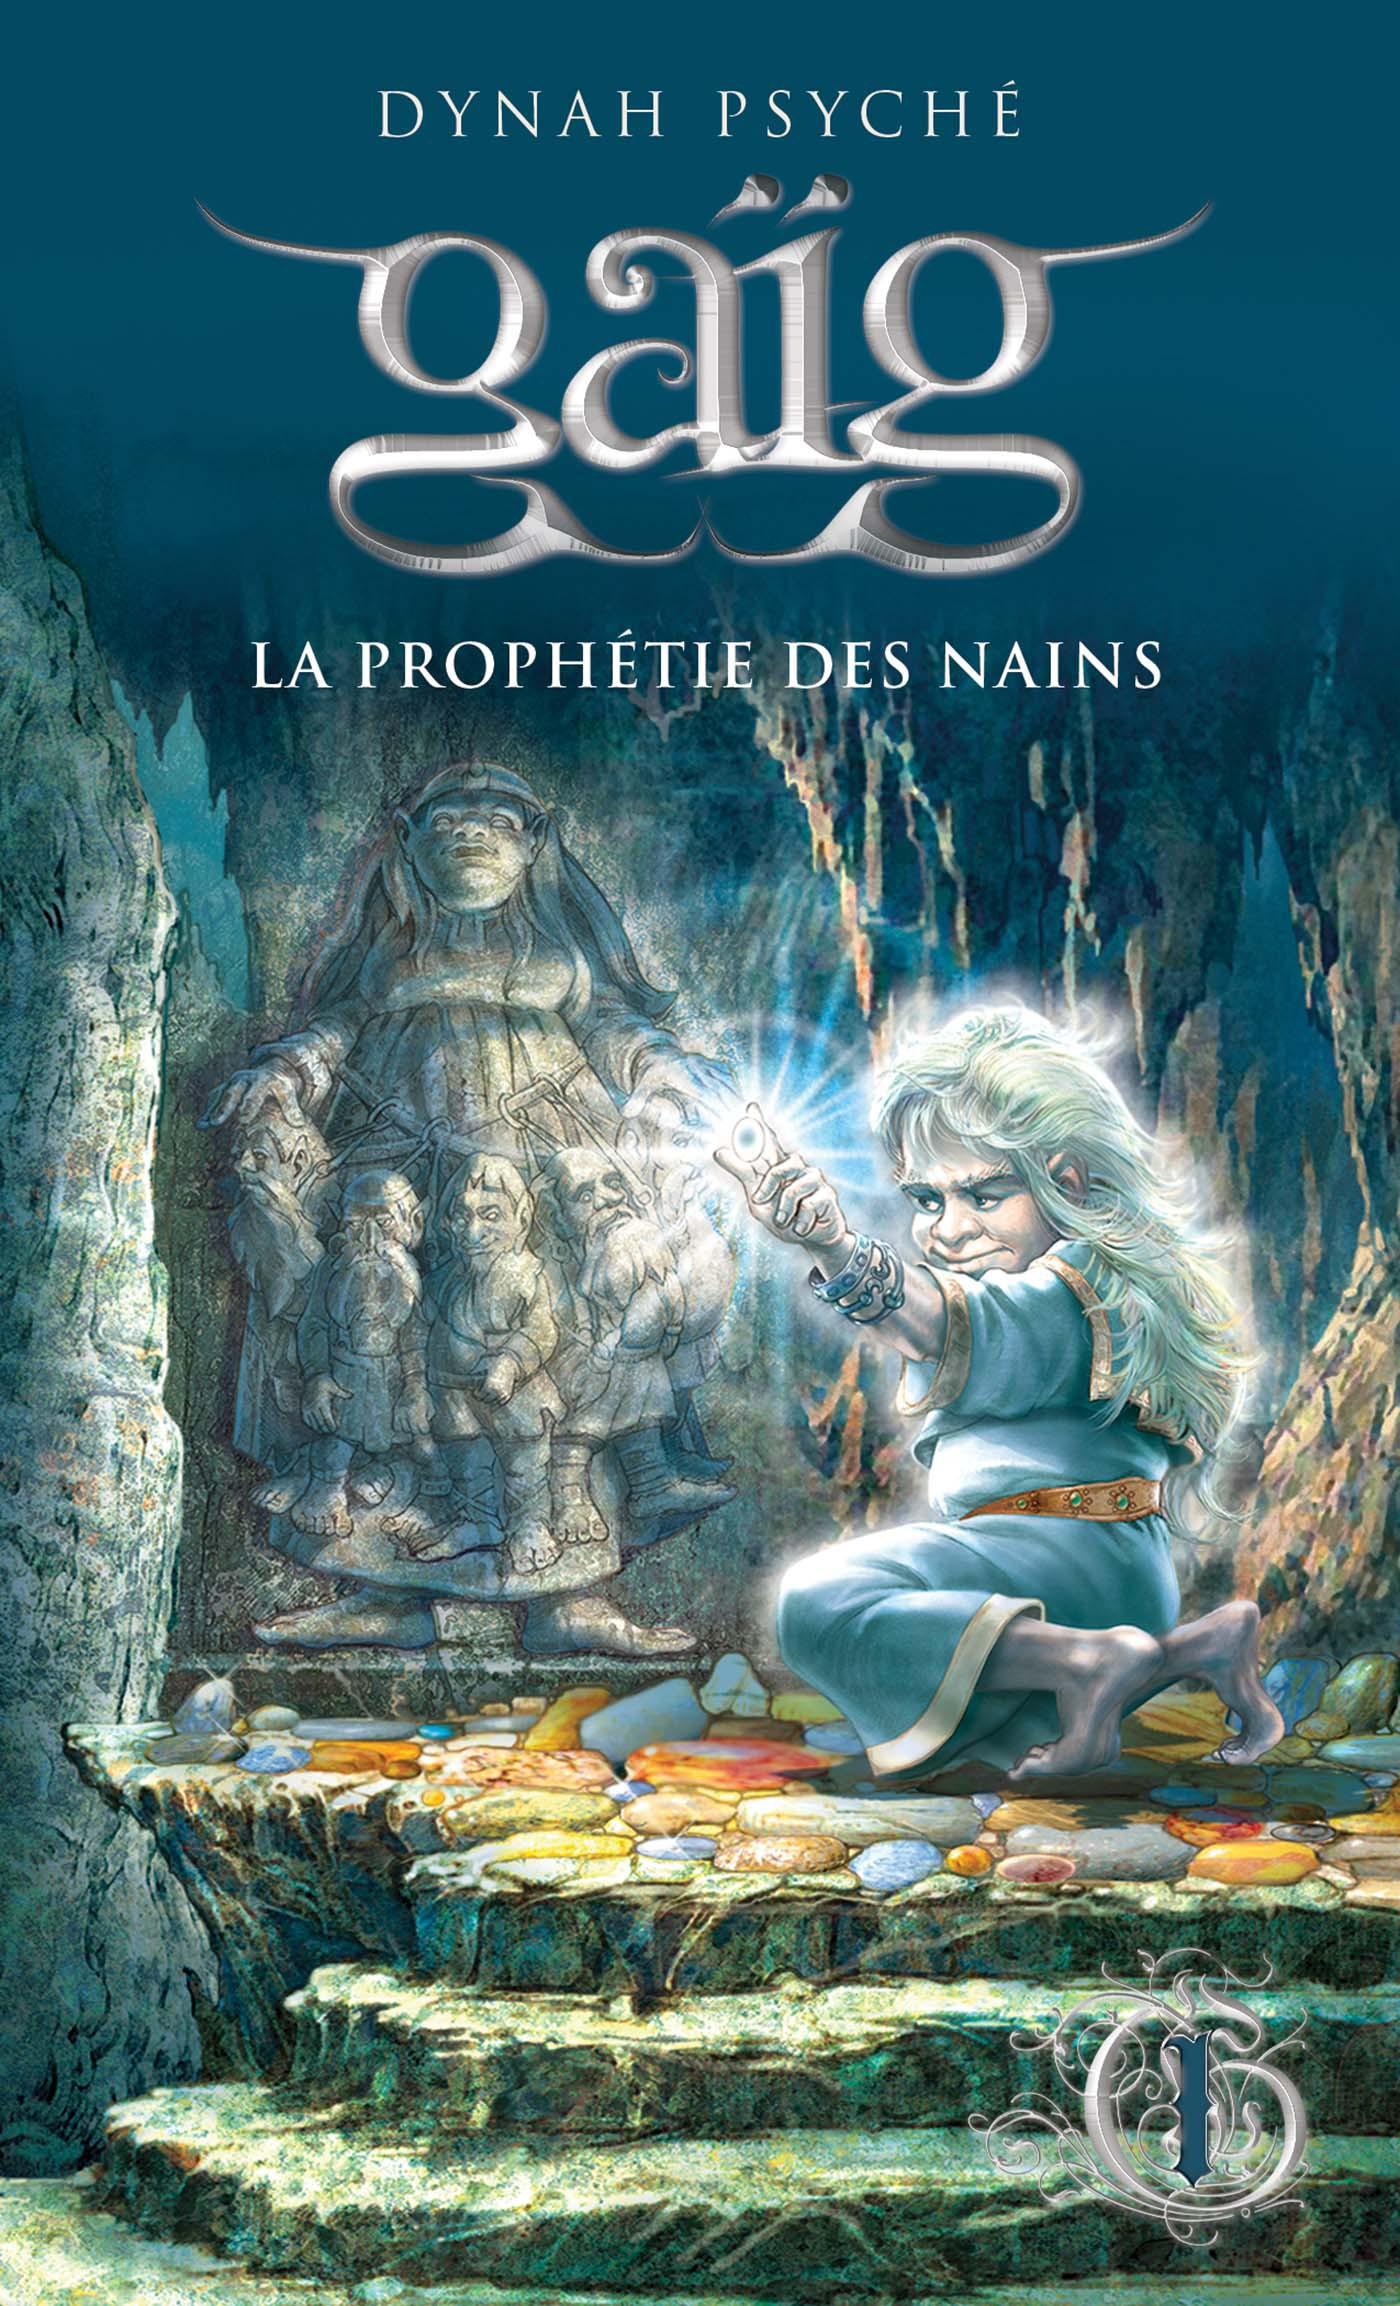 Gaïg 1 - La prophétie des Nains